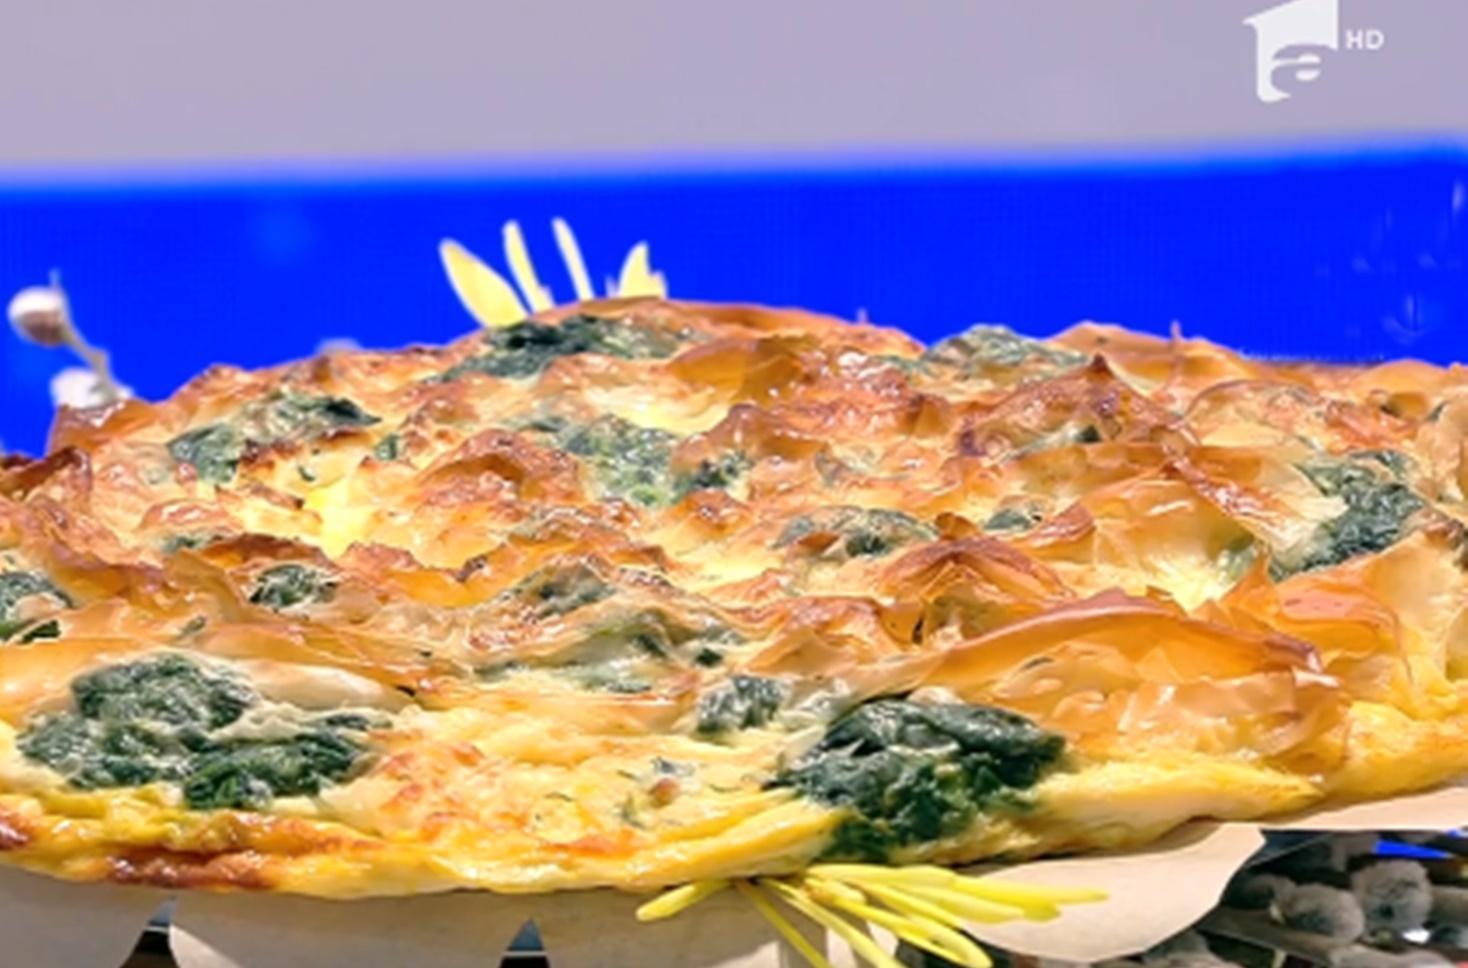 Rețetă de plăcintă cu brânză și spanac, preparată de Vlăduț la Neatza cu Răzvan și Dani